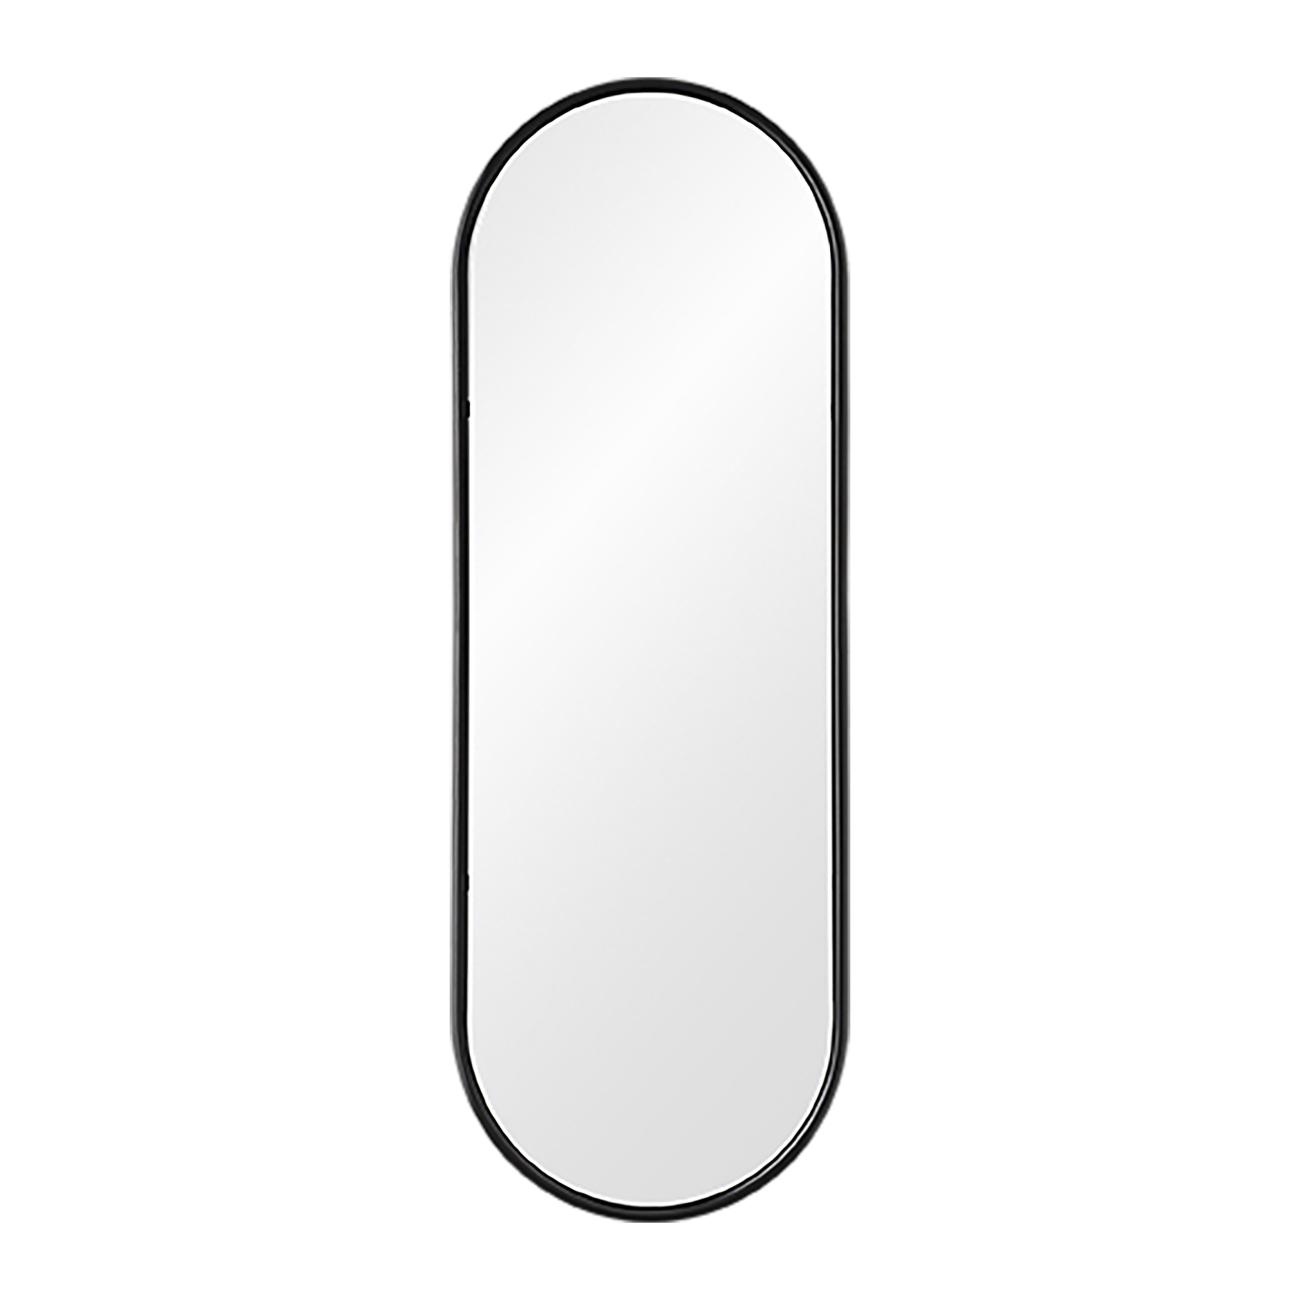 Spegel med förvaring bakom Angui Svart AYTM